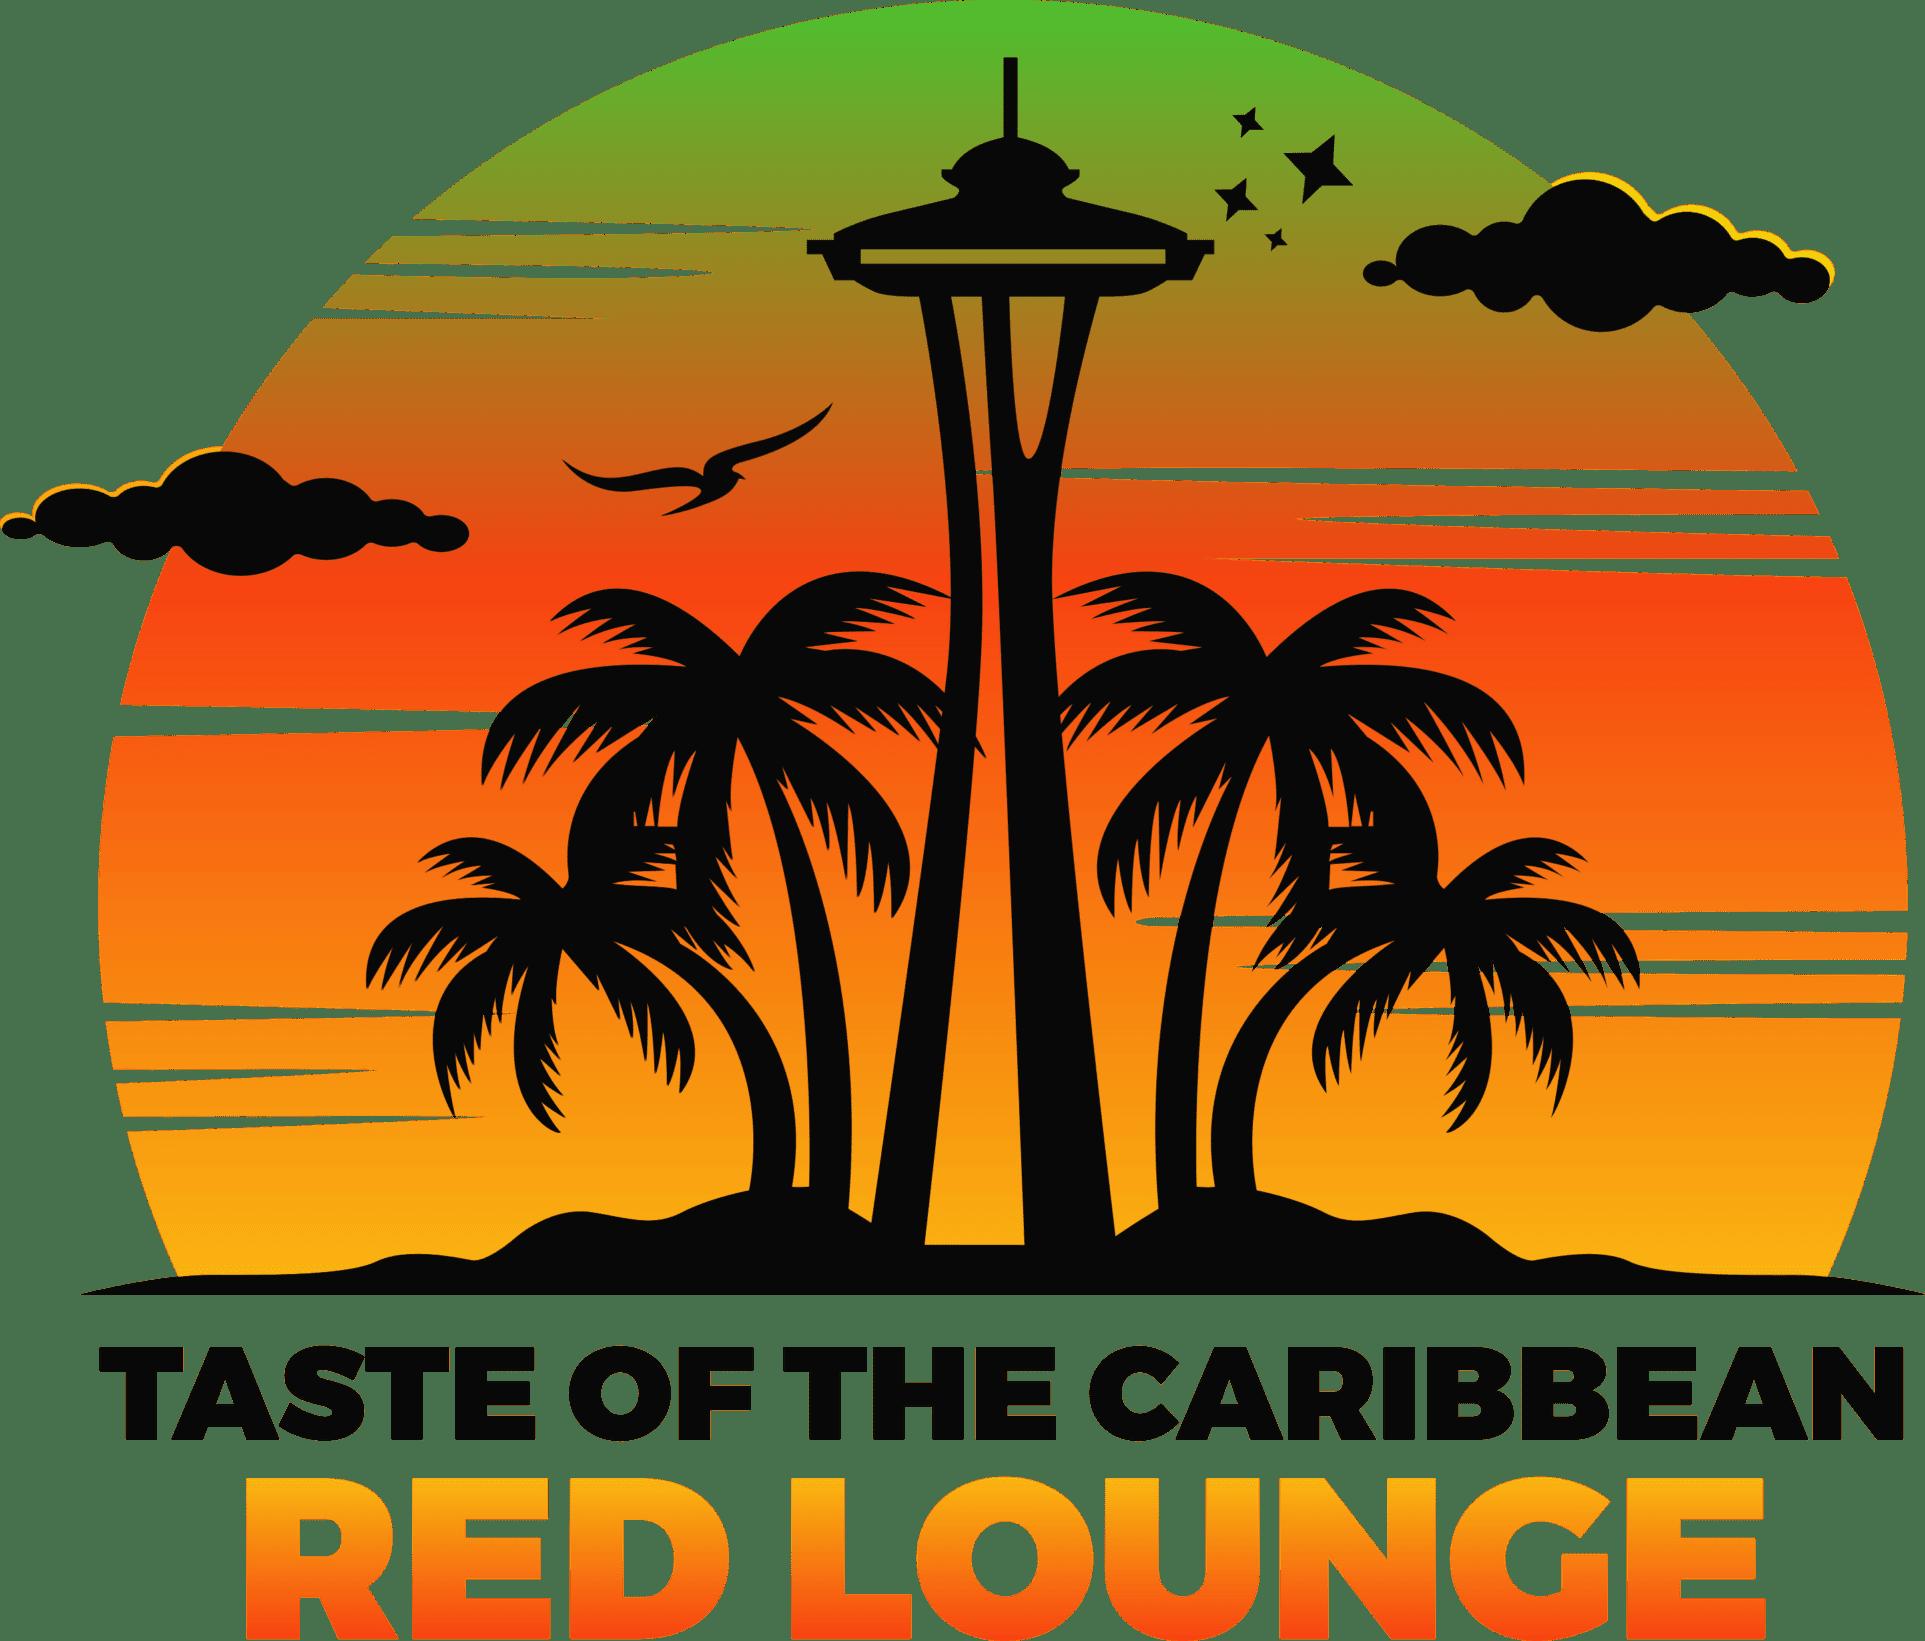 Taste of the Caribbeans